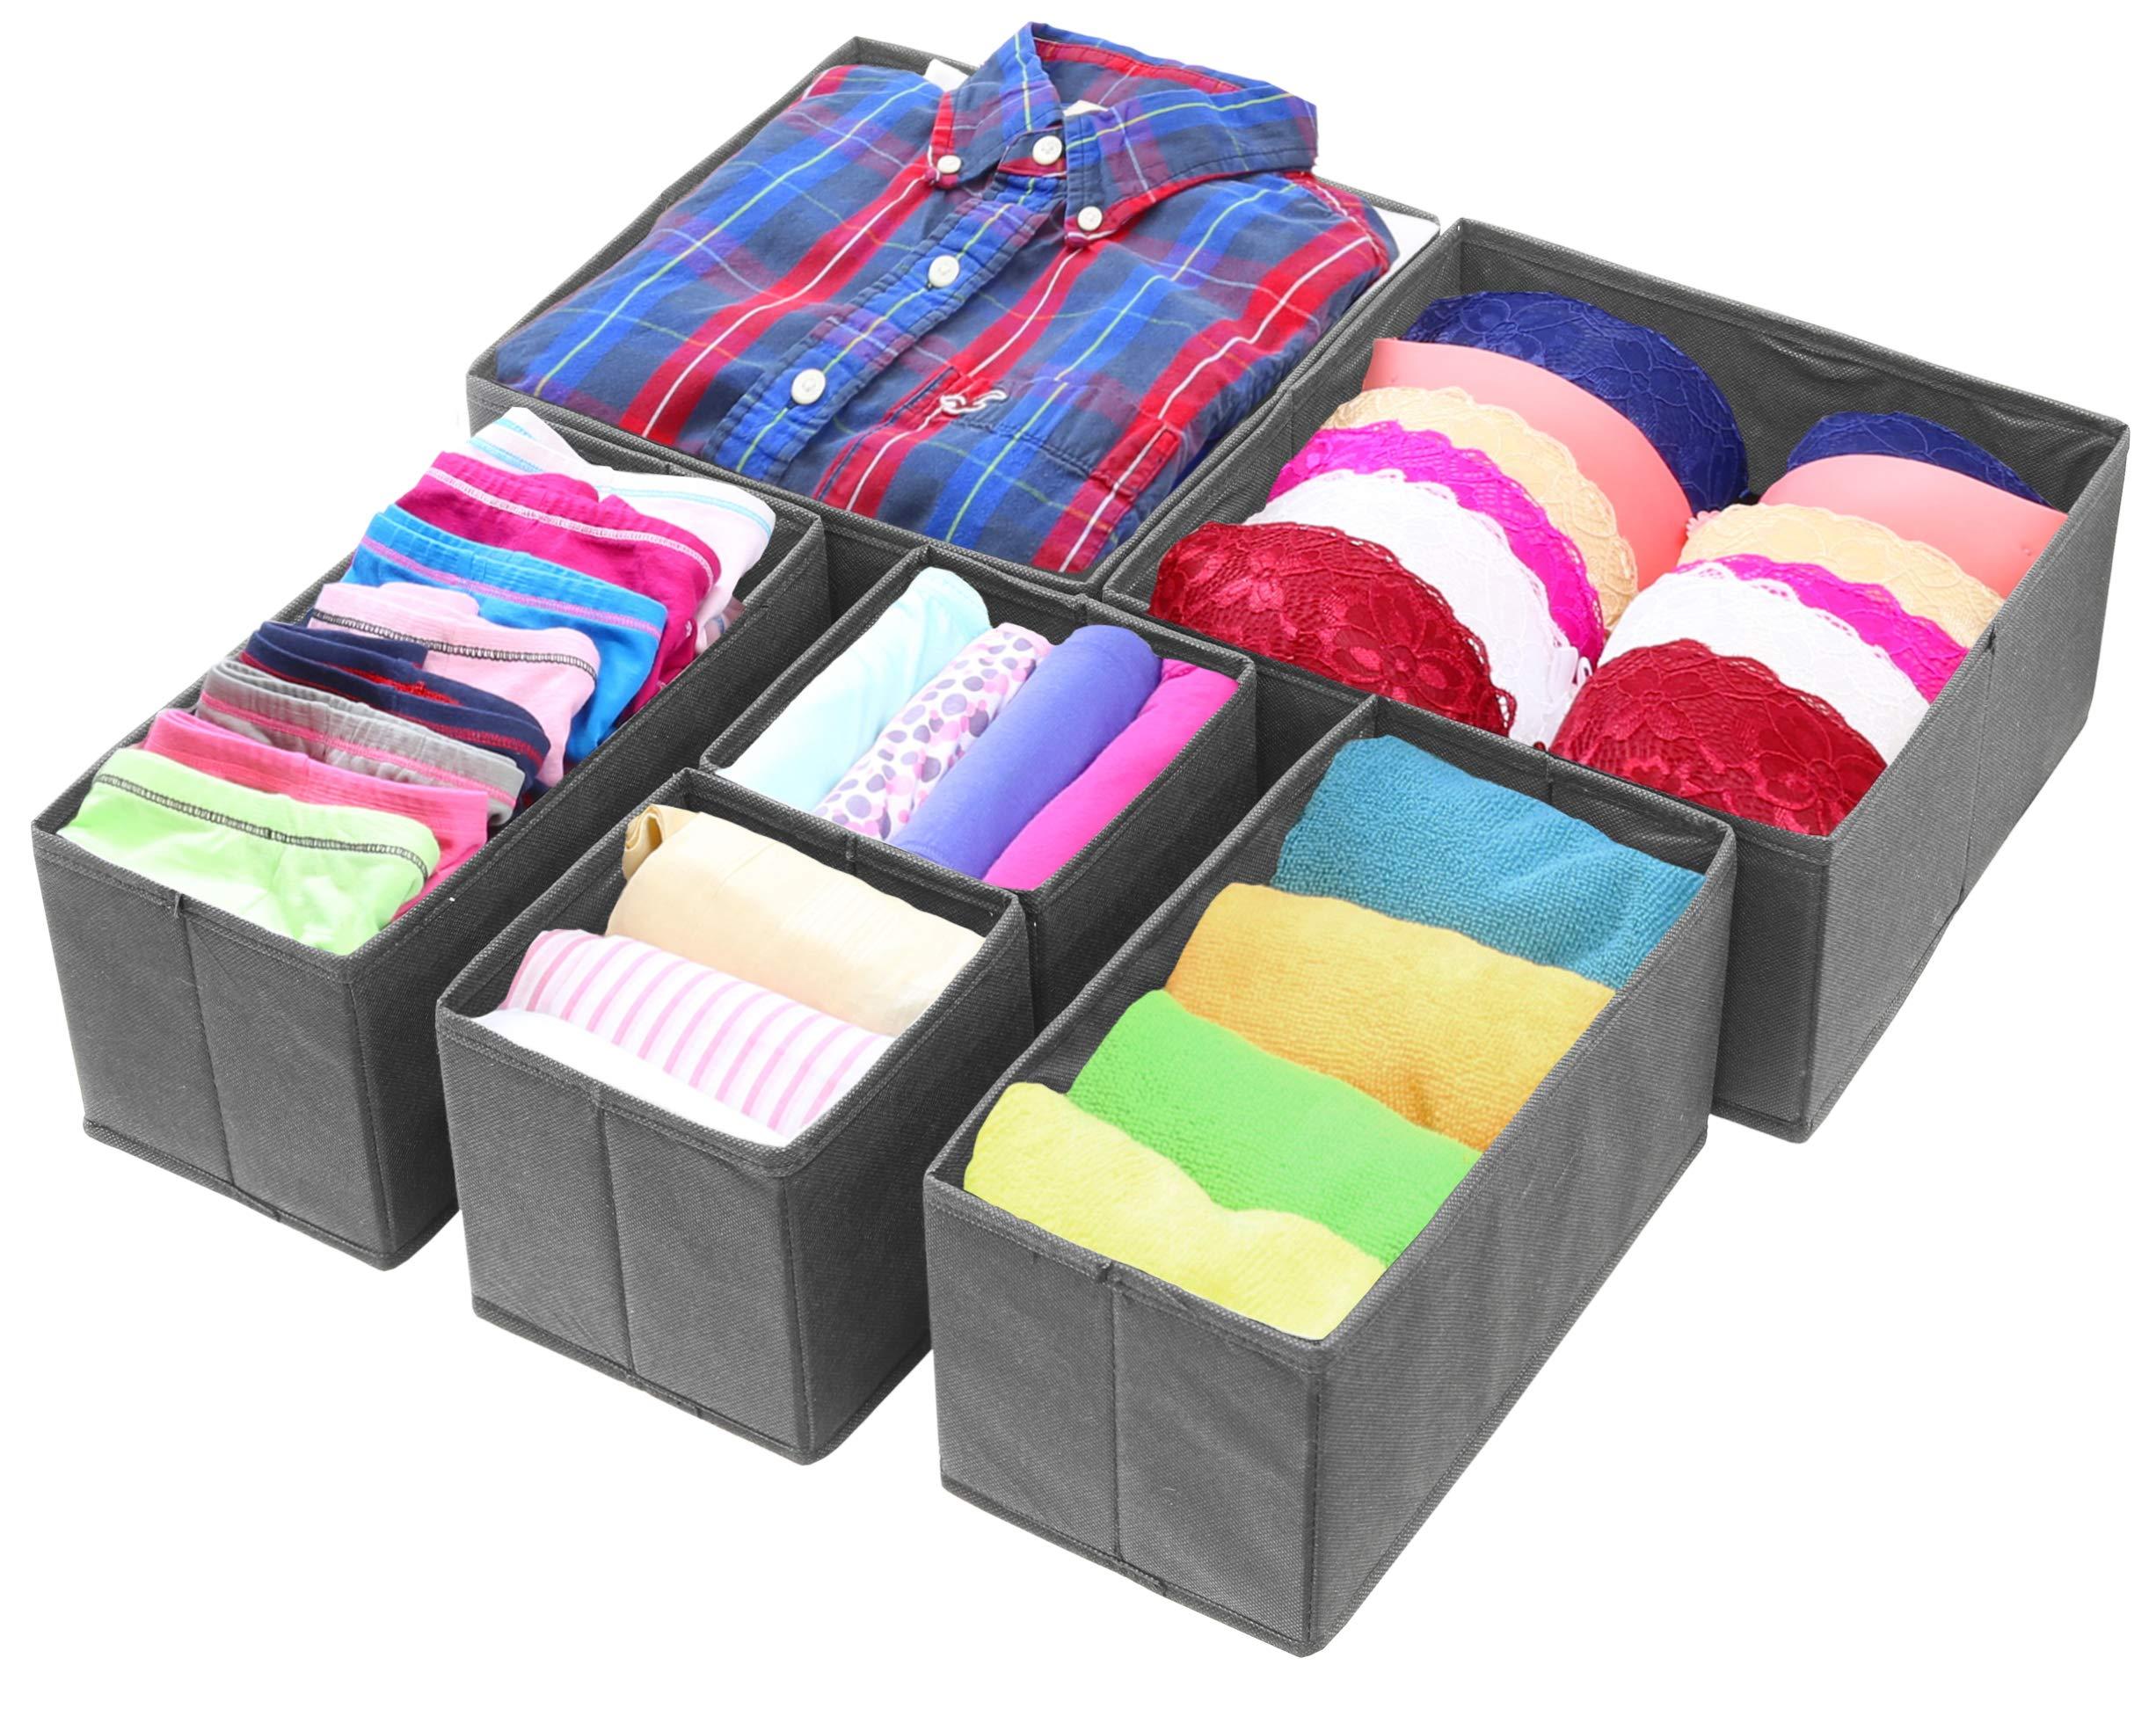 Simple Houseware Foldable Cloth Storage Box Closet Dresser Drawer Divider Organizer Basket Bins for Underwear Bras, Dark Grey (Set of 6) by Simple Houseware